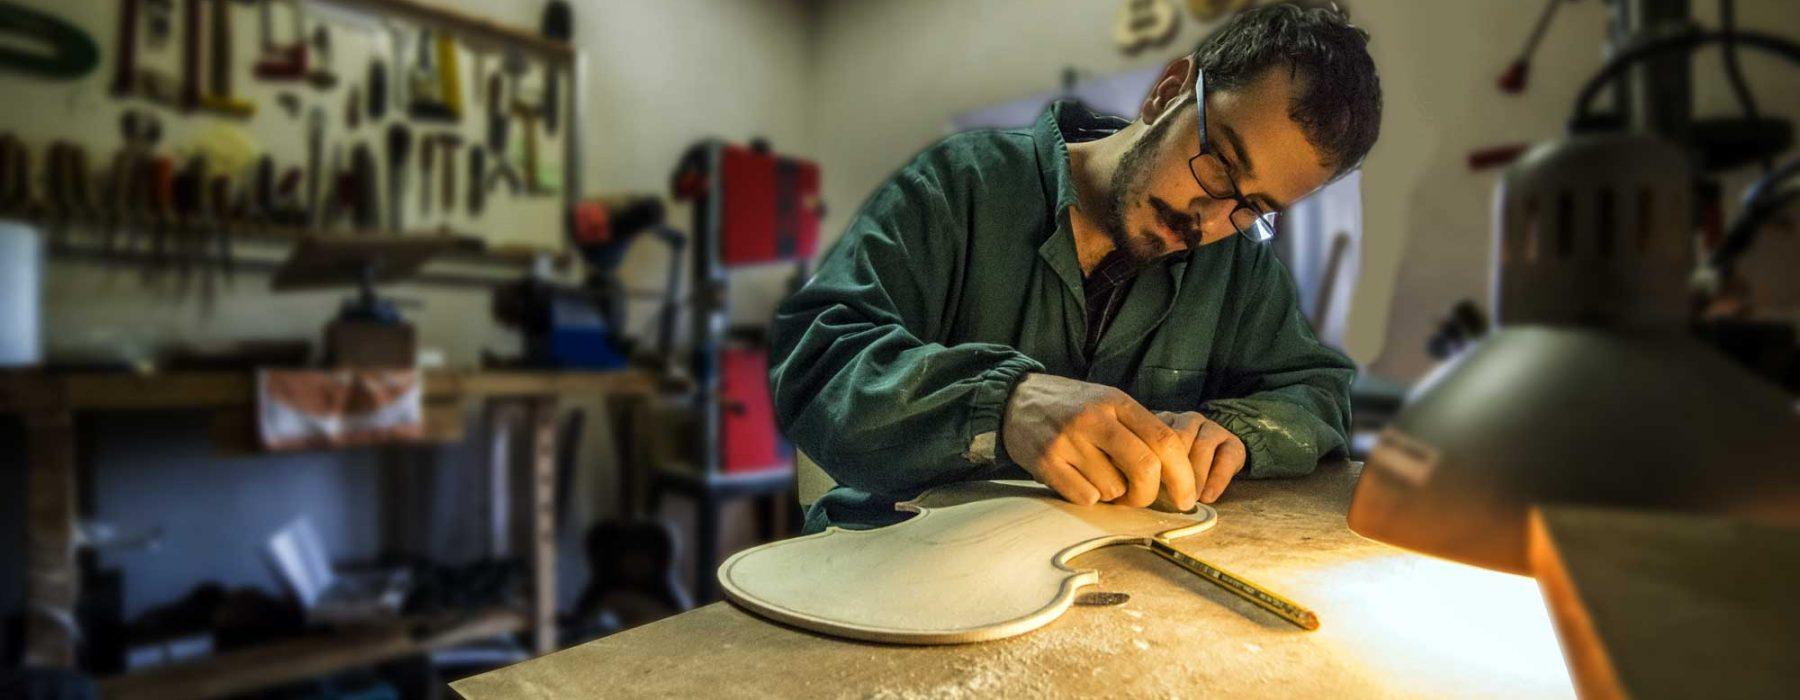 Violas, Violines y Violonchelos directamente de la mano del luthier